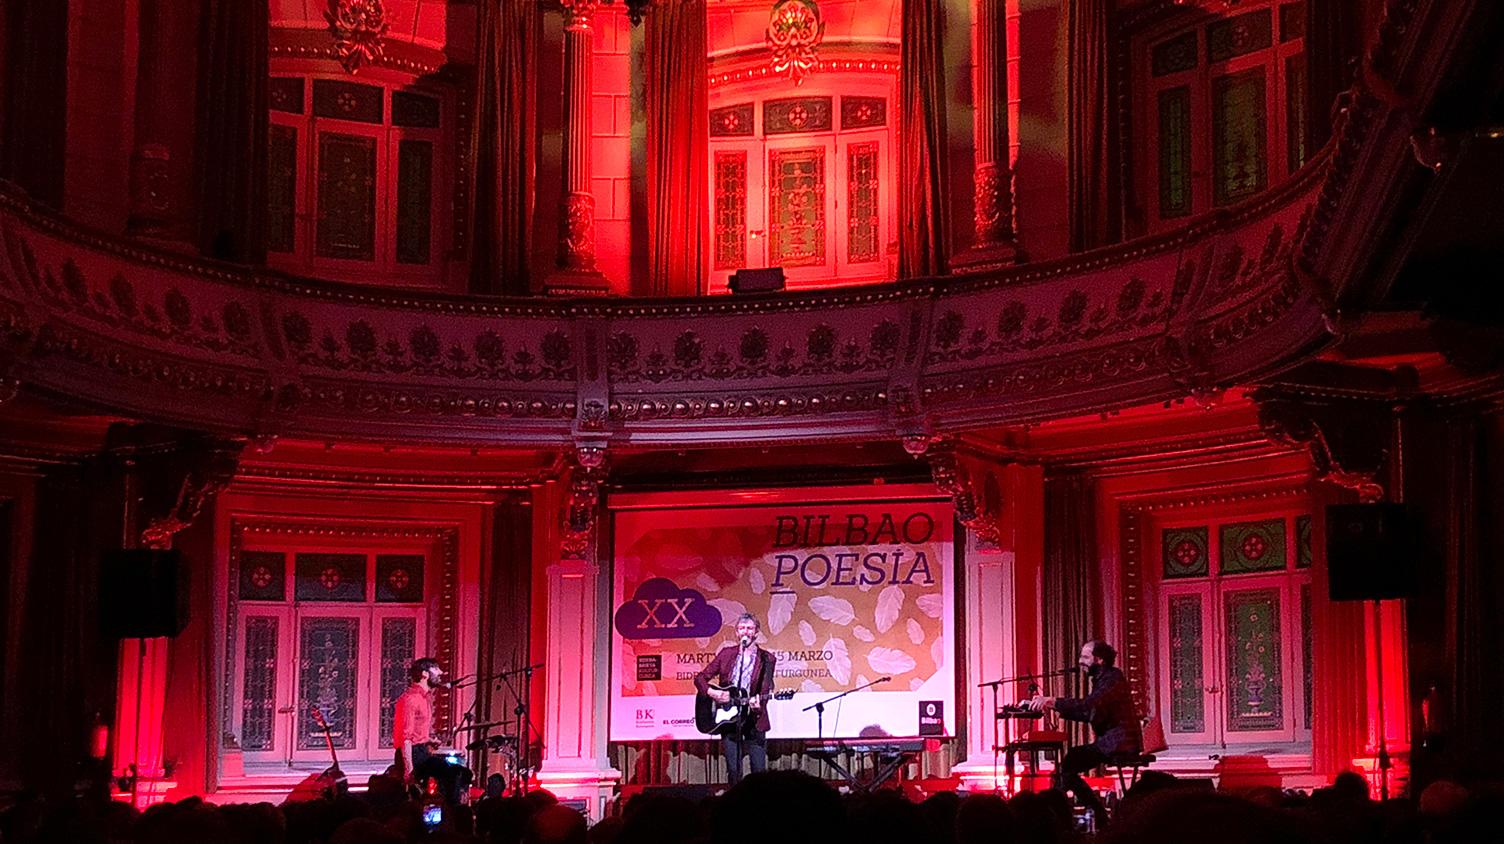 Bilbao Poesía Evento Música Comunicación Corporativa